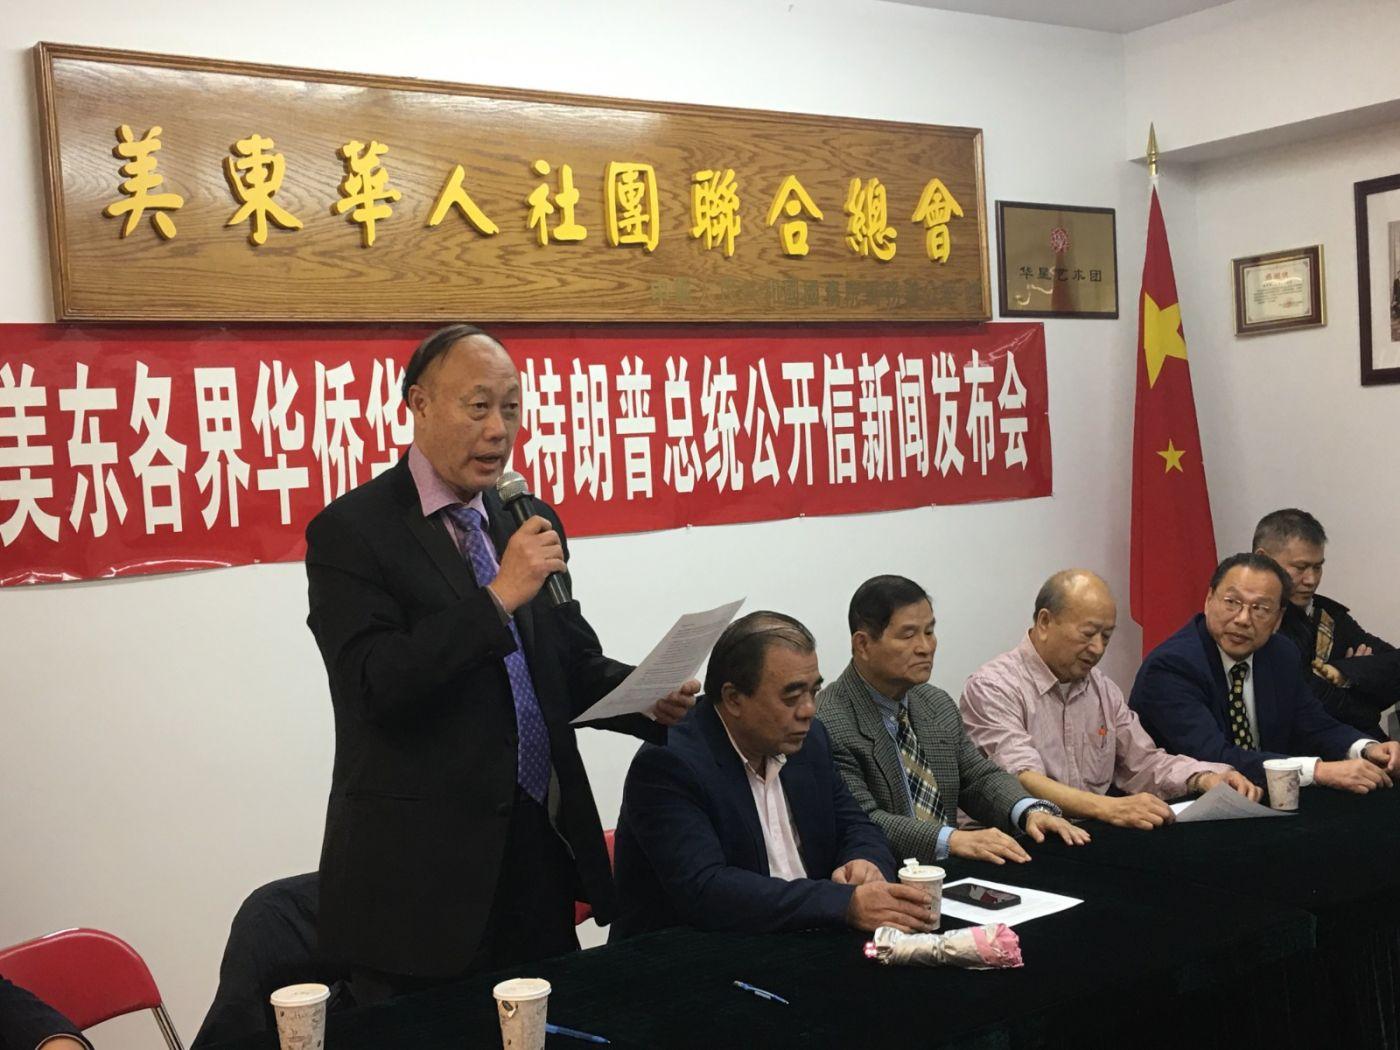 美東各界華僑華人致特朗普總統公開信新聞發佈會_图1-9